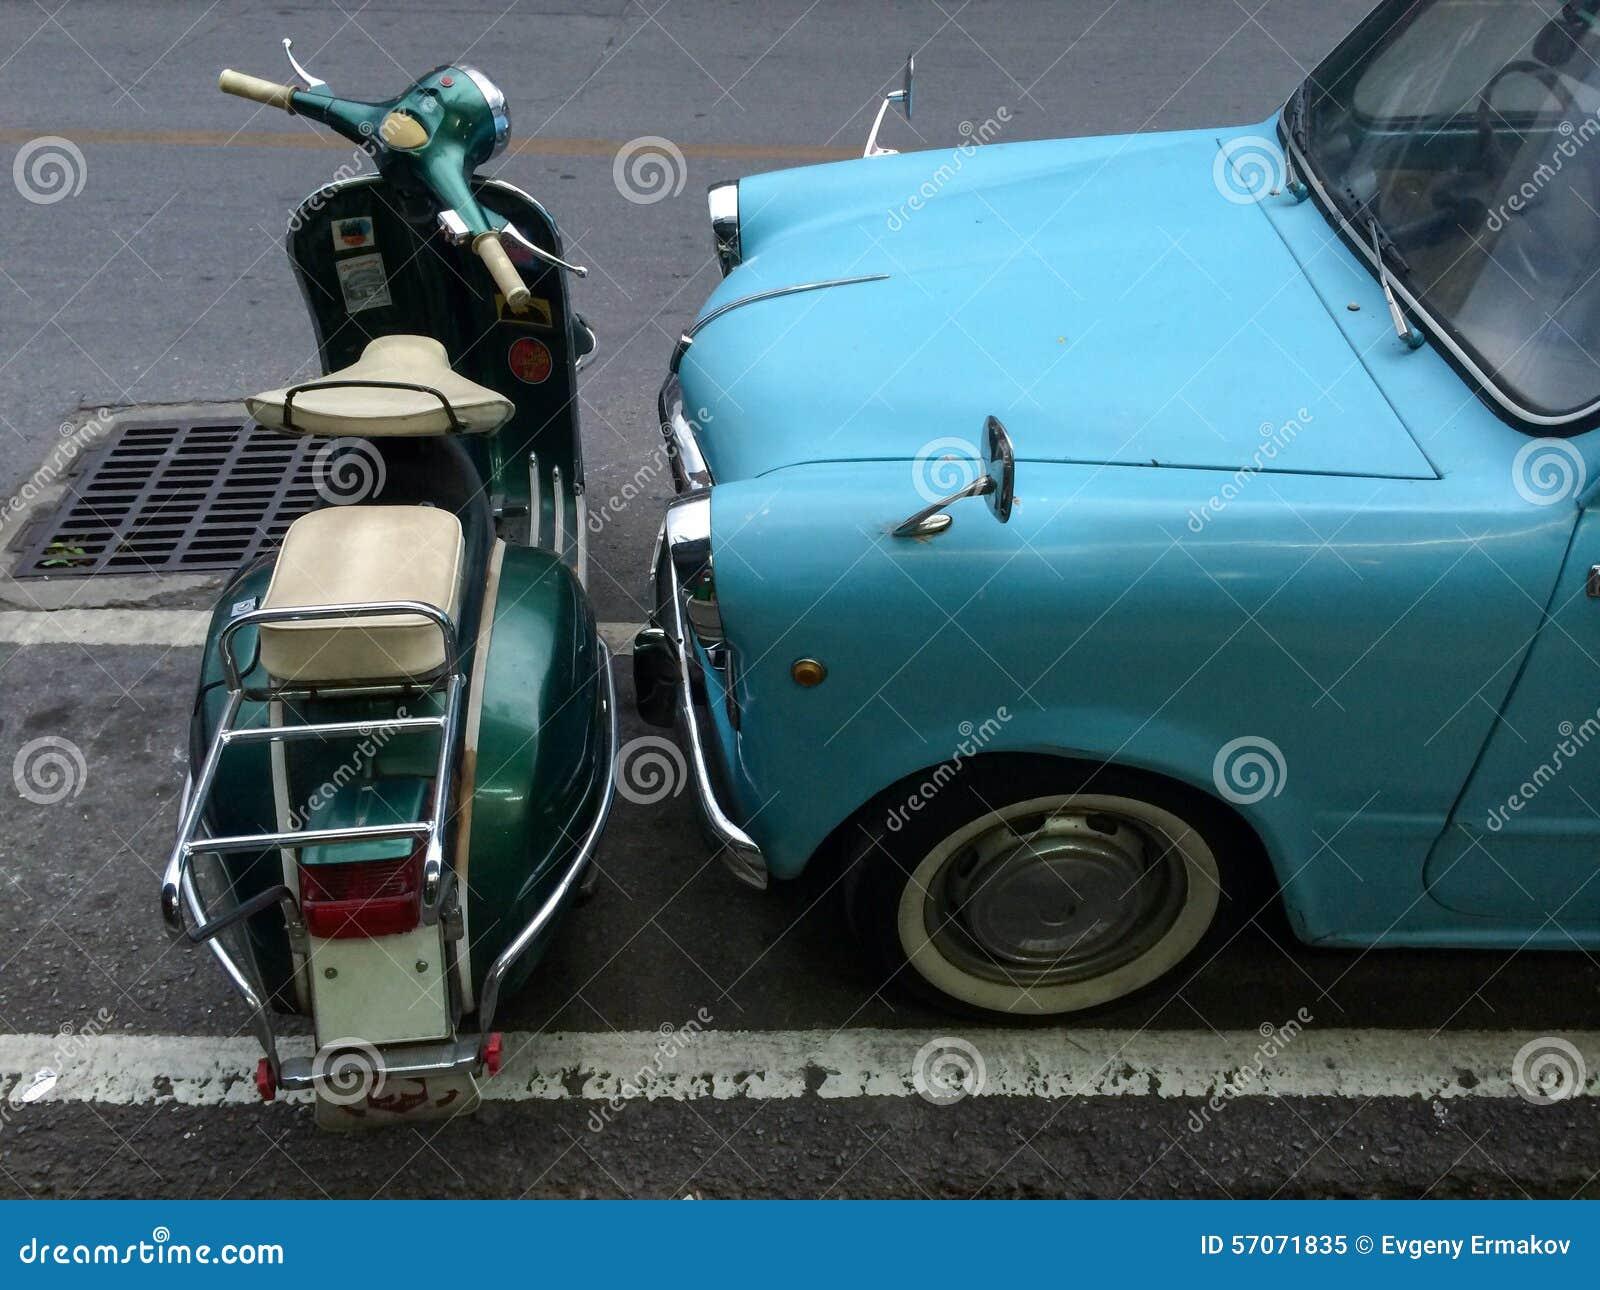 Retro auto dichtbij retro motor wordt geparkeerd die